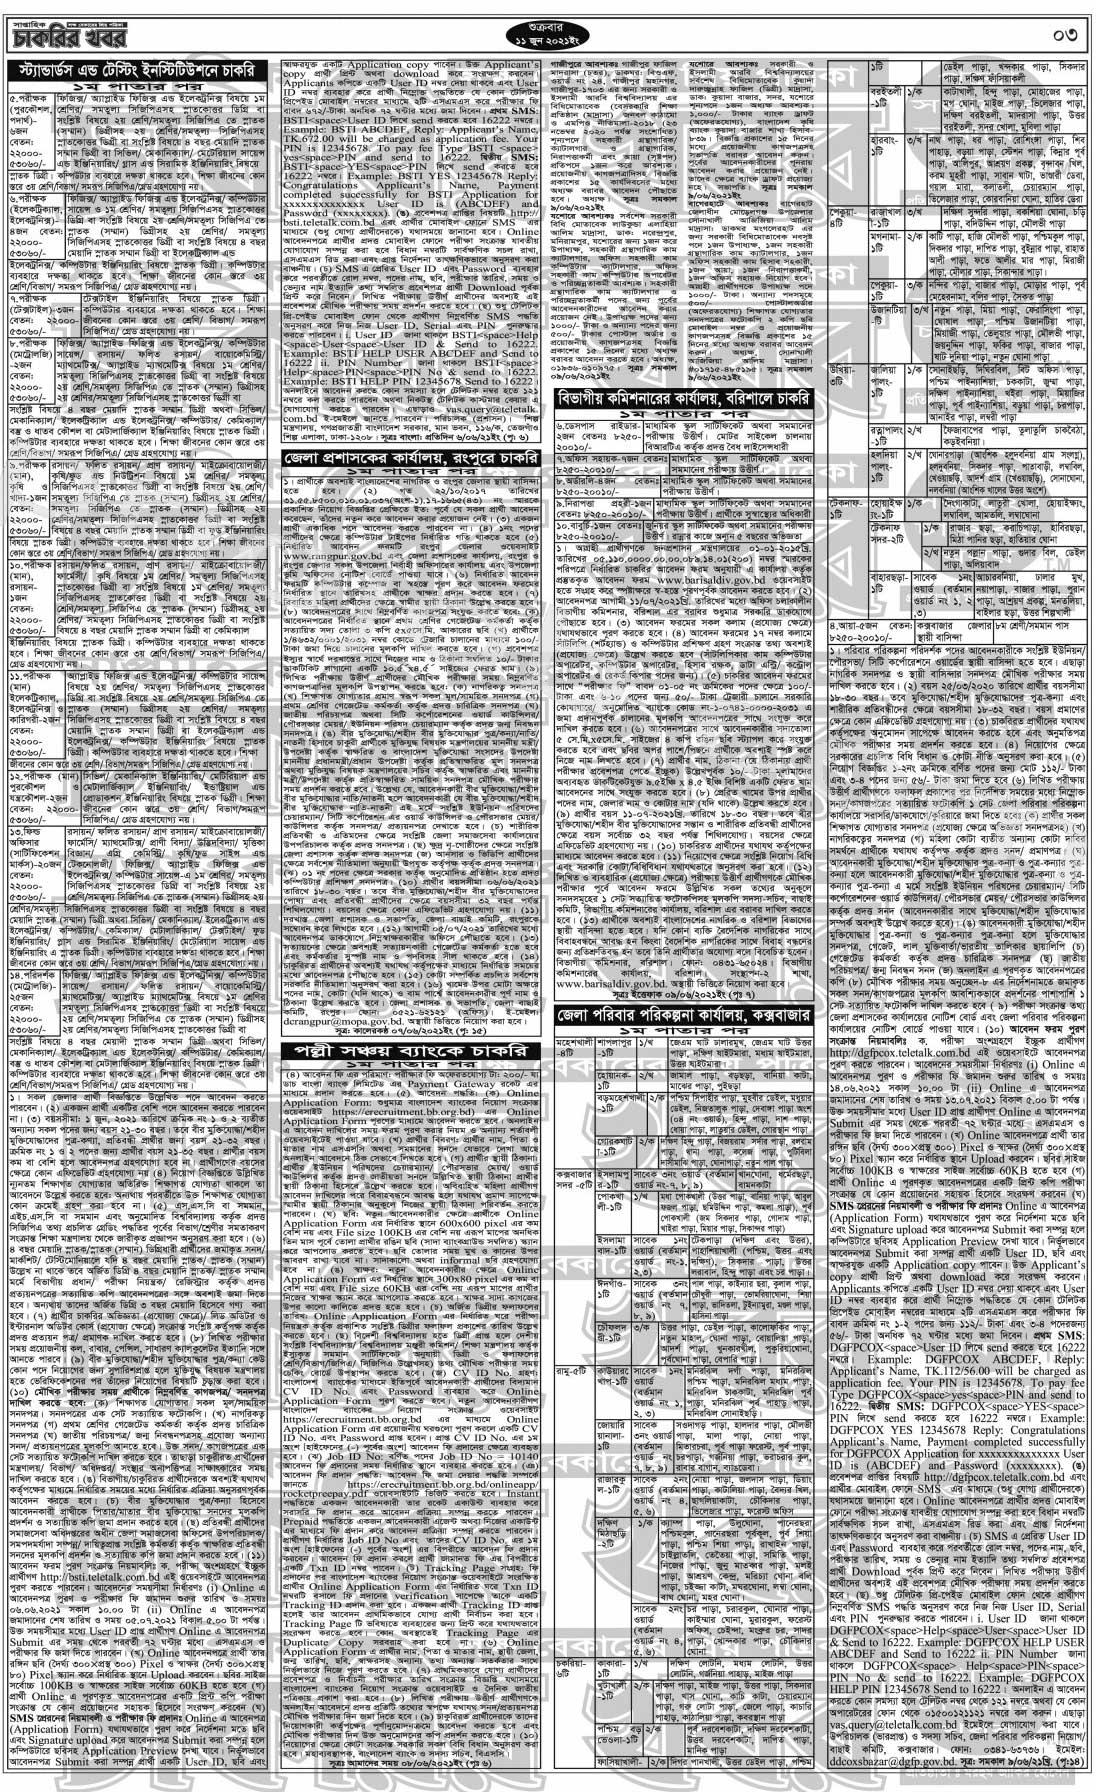 সাপ্তাহিক চাকরির খবর পত্রিকা ১১ জুন ২০২১ - Saptahik Chakrir khobor potrika 11 June 2021 PDF Download - সাপ্তাহিক চাকরির খবর ২০২১